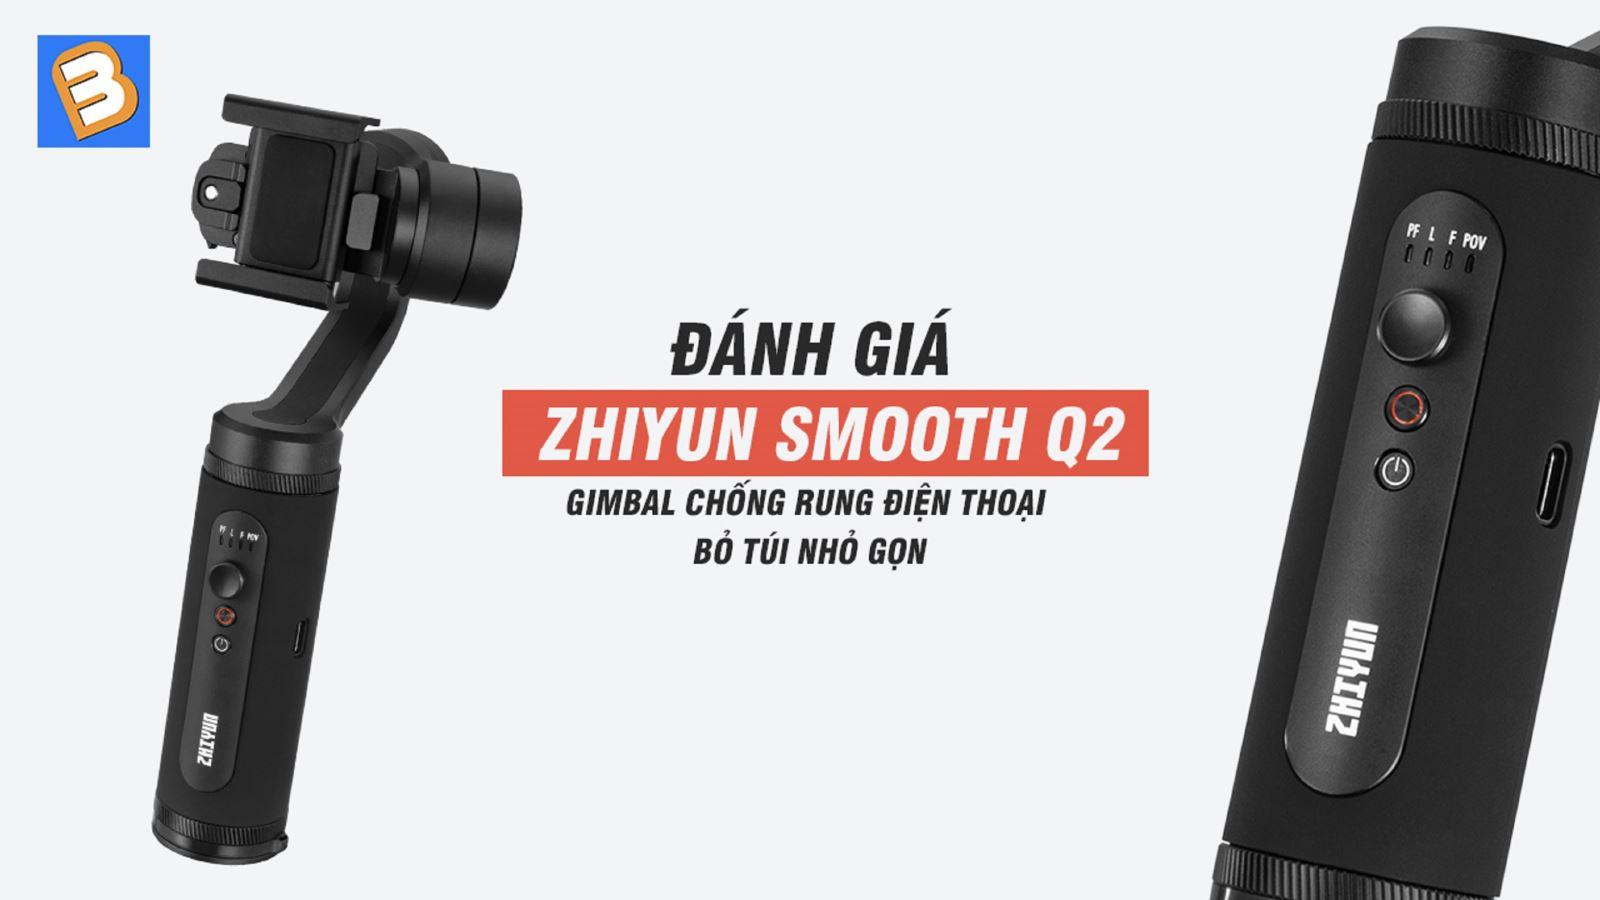 Đánh giáZhiyun Smooth Q2: Gimbal chống rung điện thoại bỏ túi nhỏ gọn